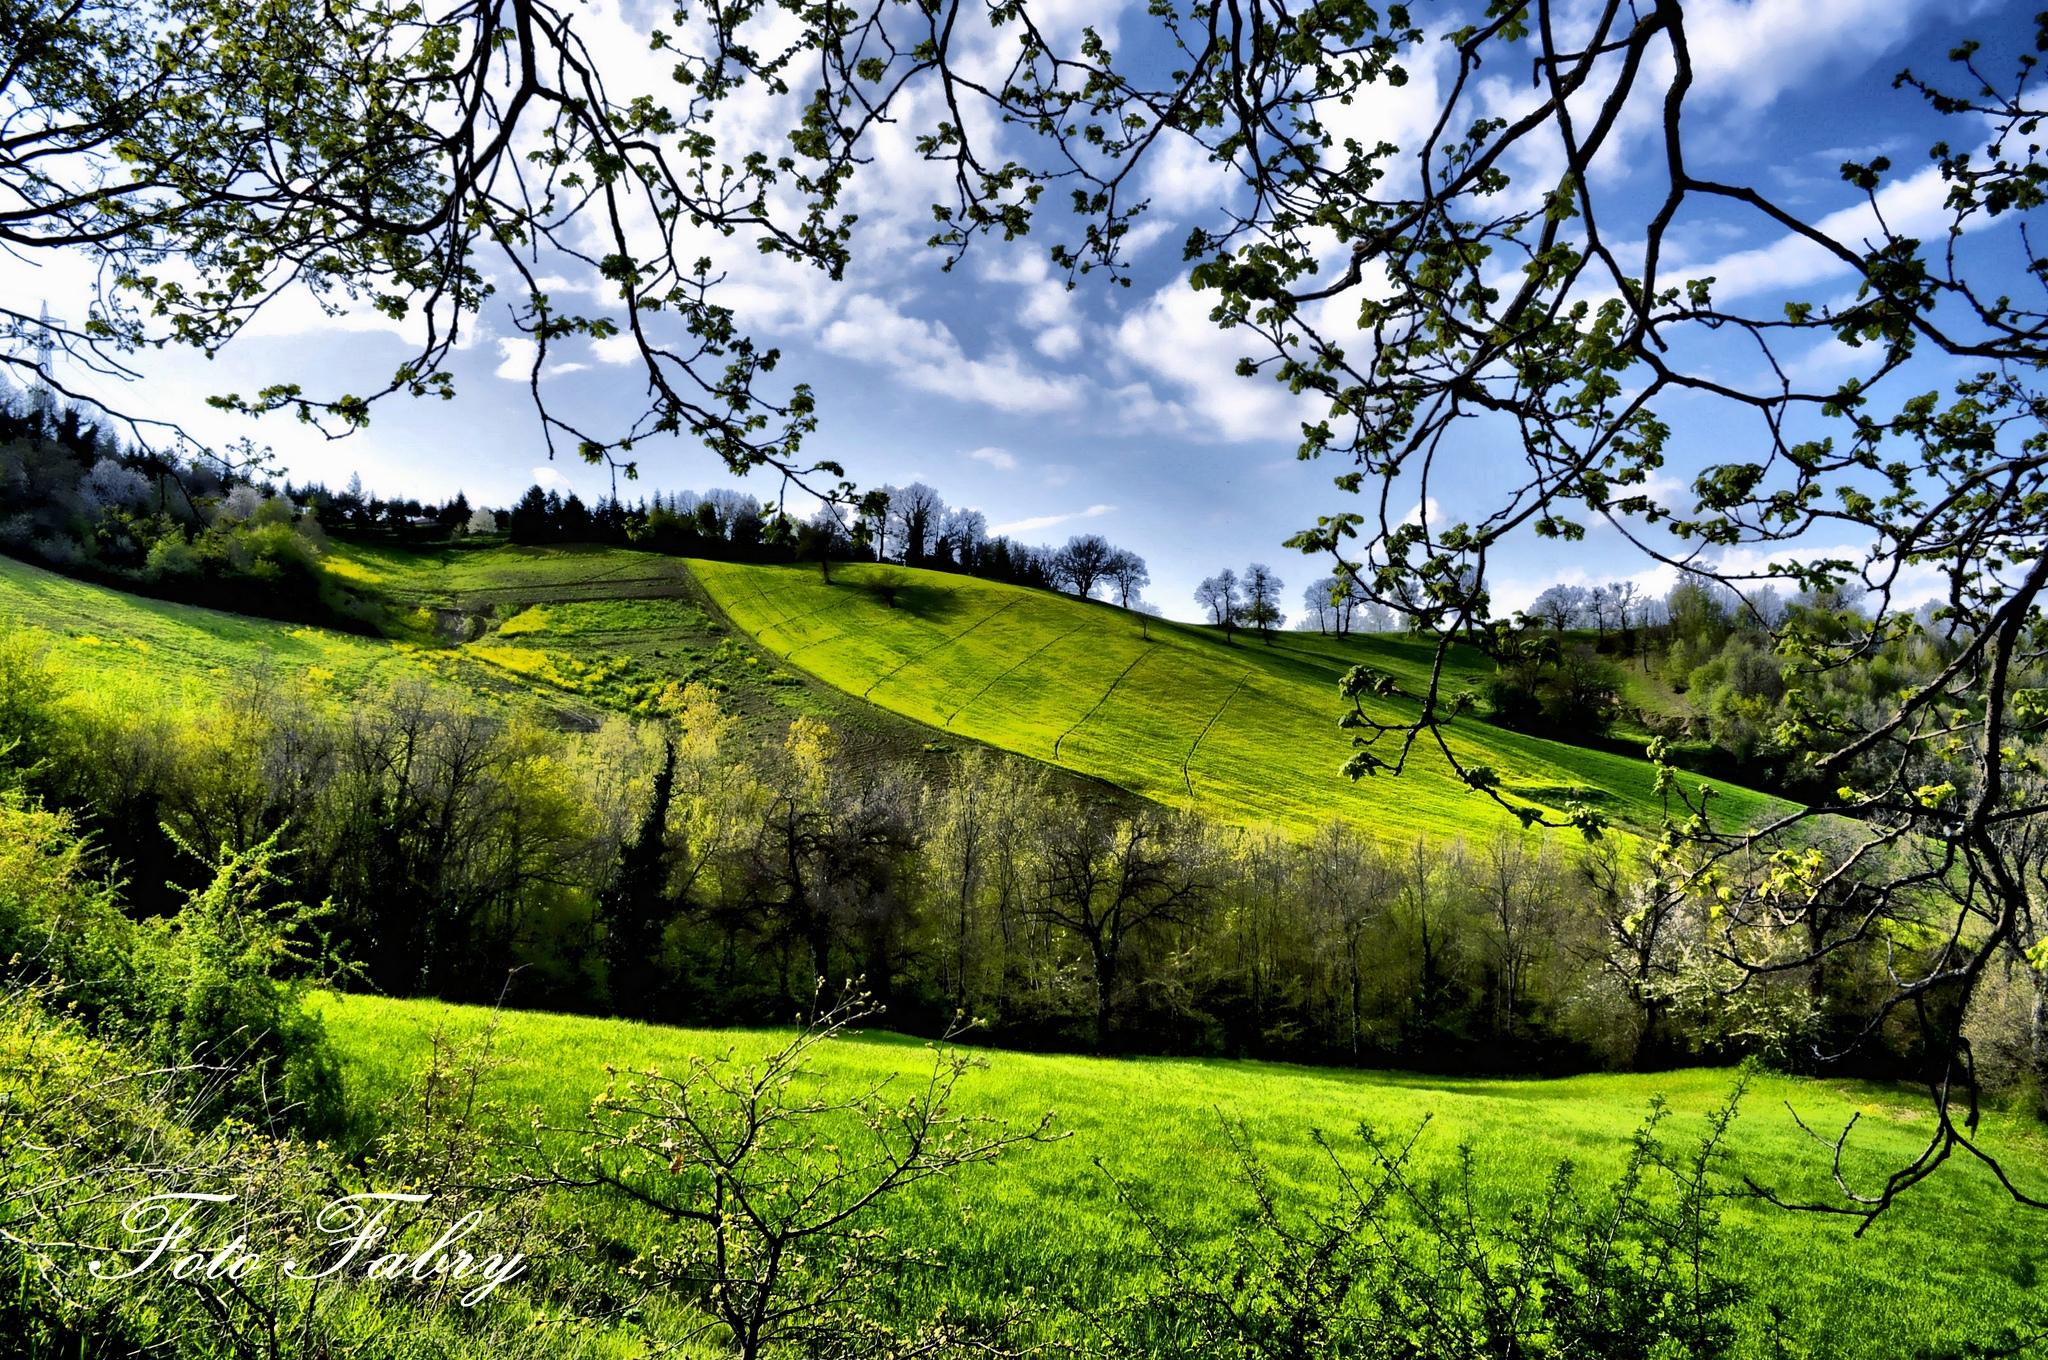 132729 Hintergrundbild herunterladen Frühling, Natur, Bäume, Felder, Grüne, Grünen - Bildschirmschoner und Bilder kostenlos